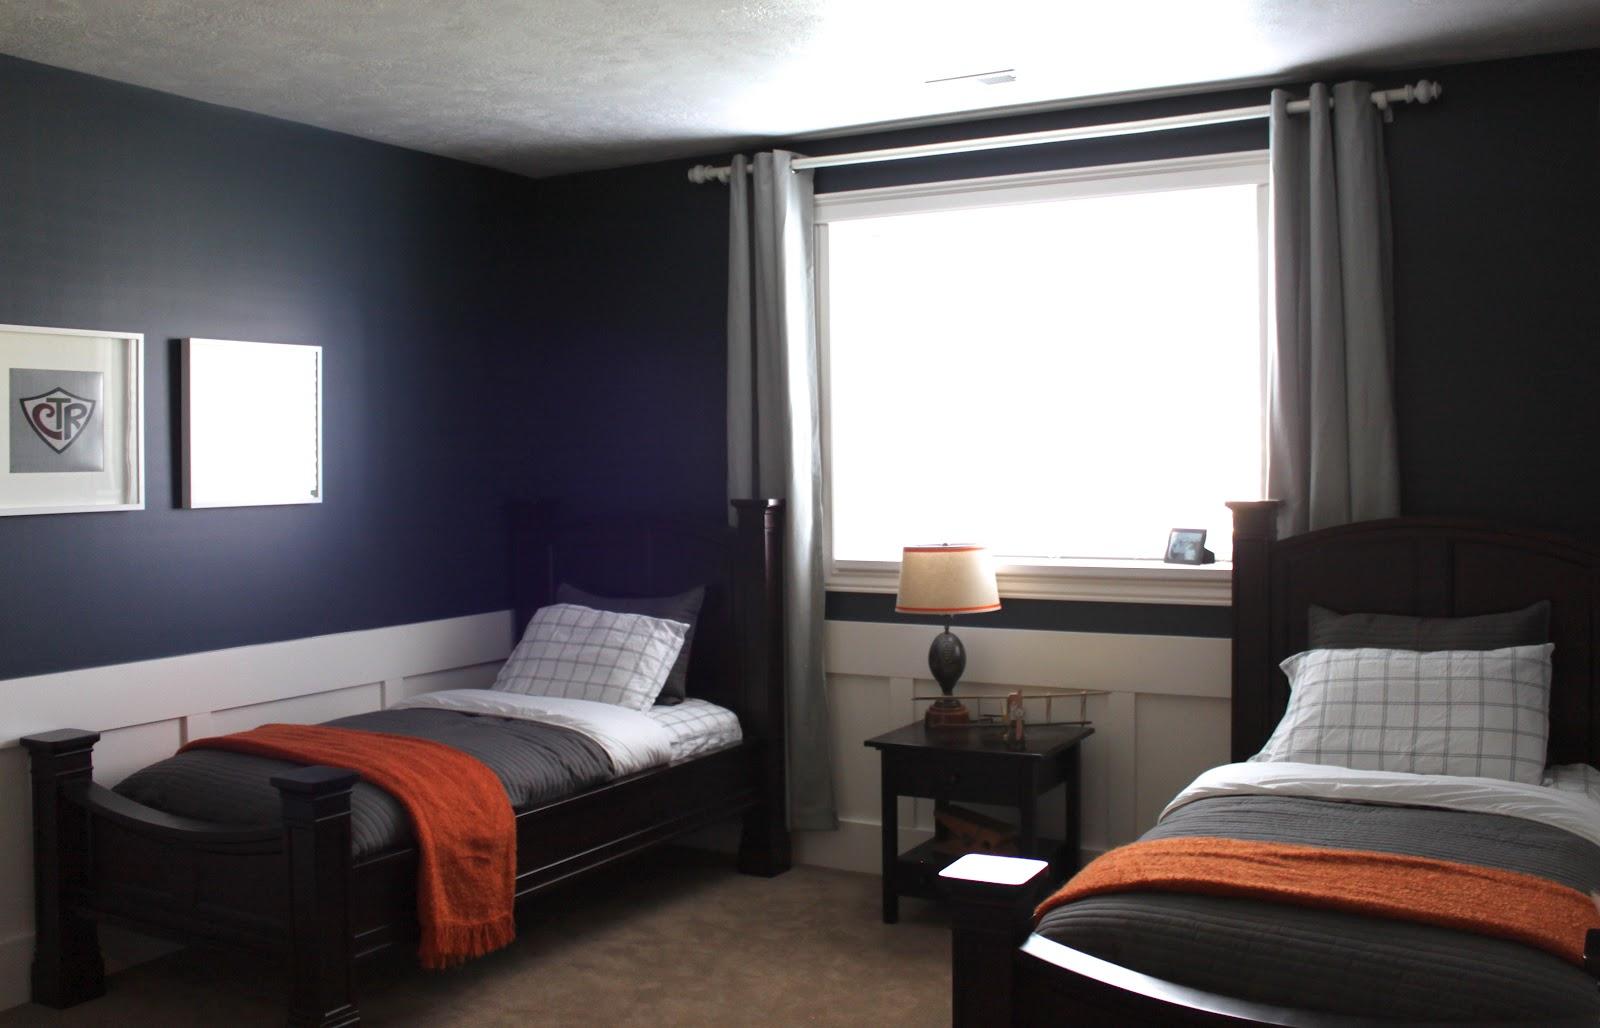 Amy S Casablanca Another Boys Bedroom Transformation